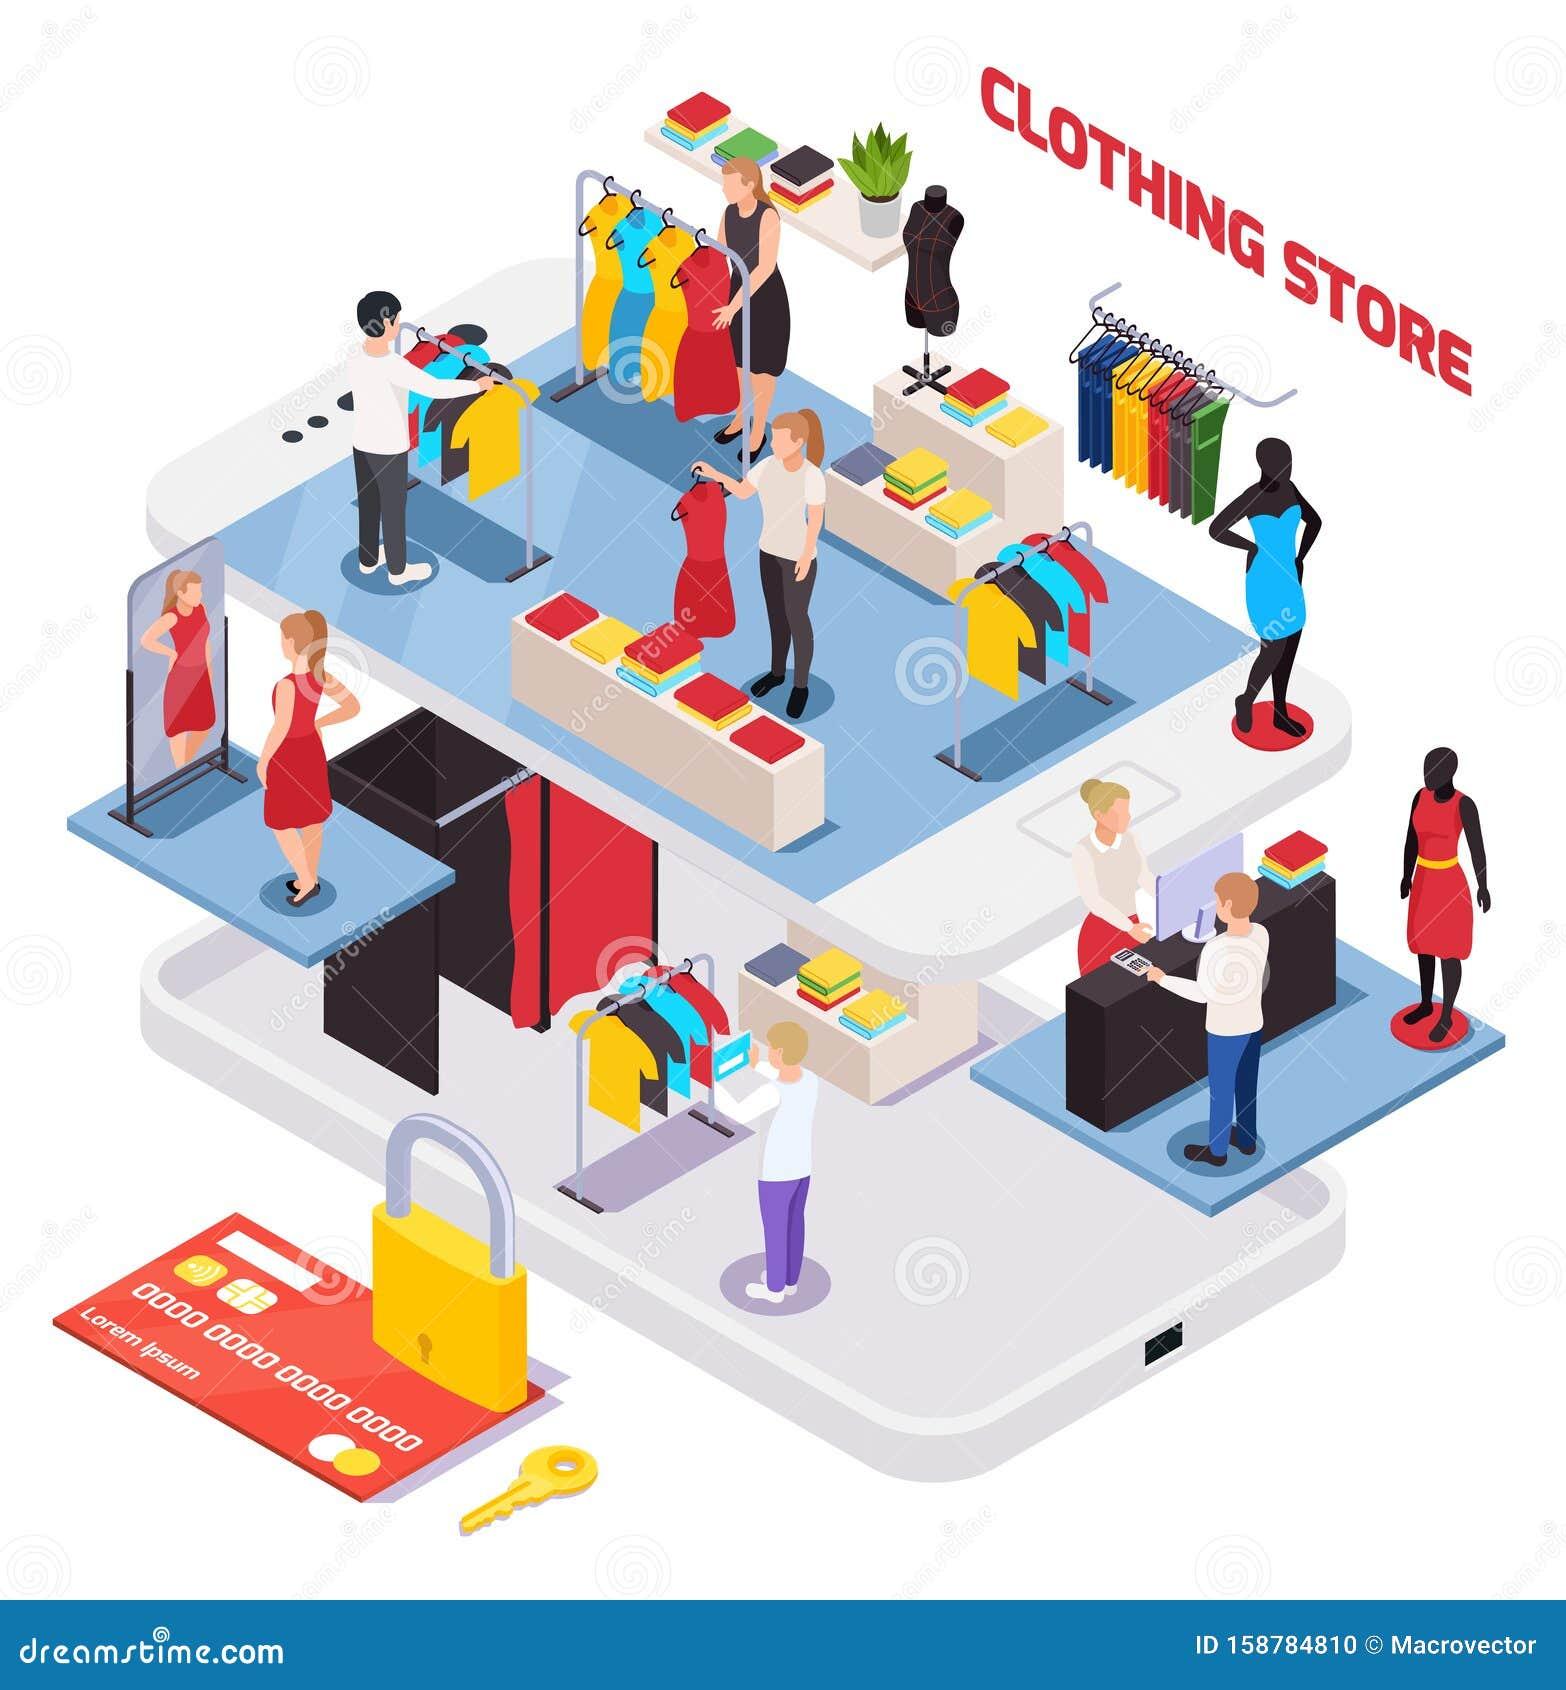 Clothes Shop Composition